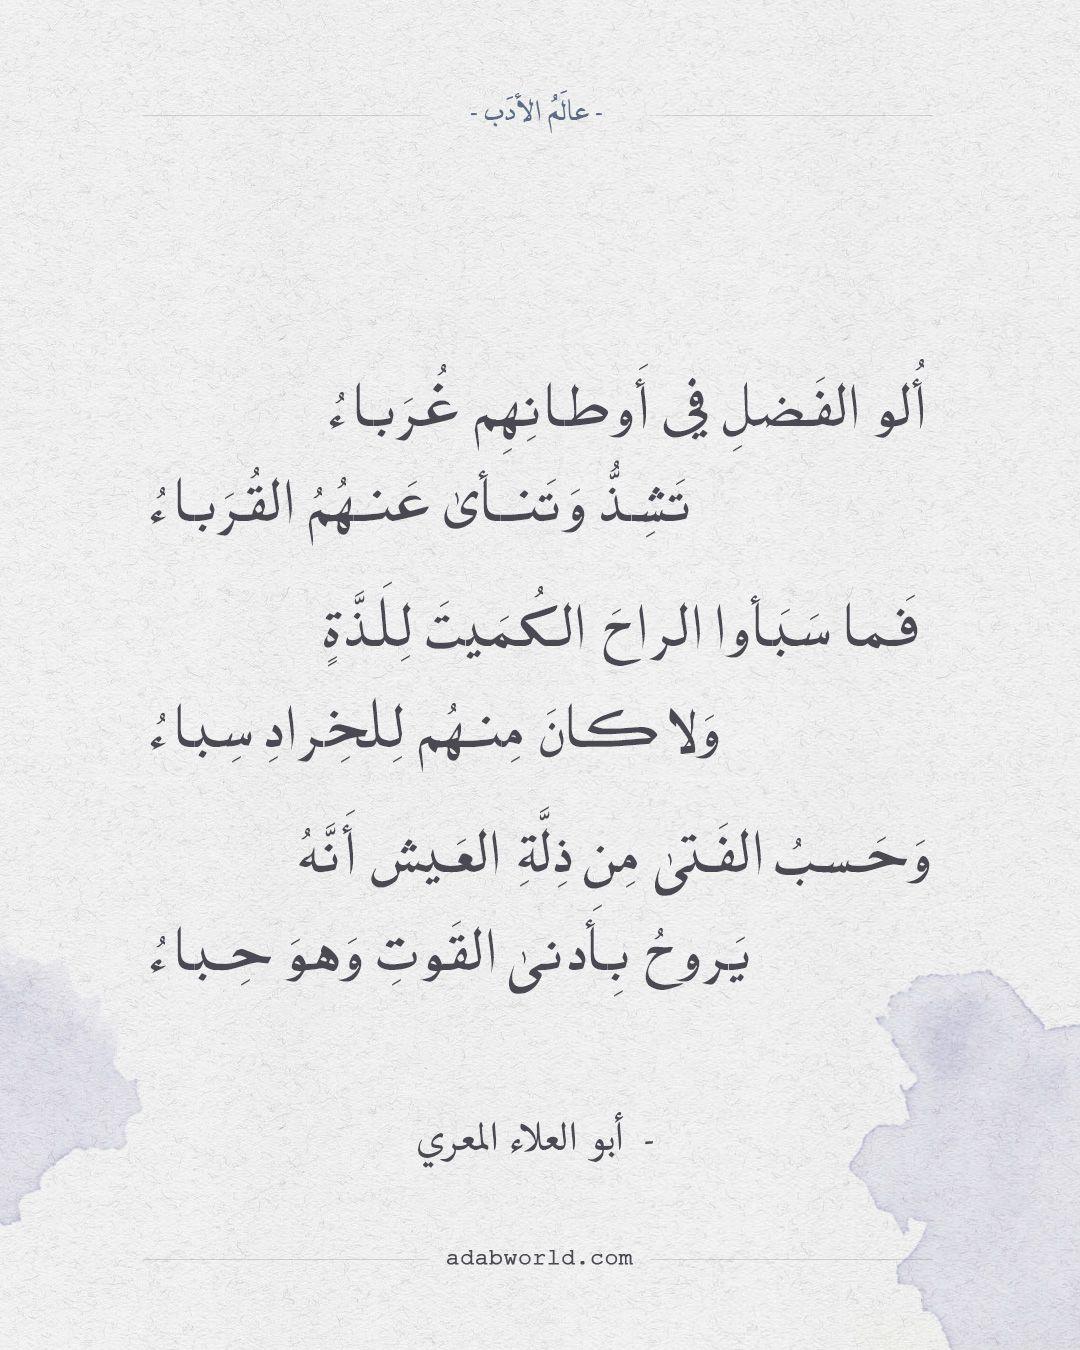 شعر أبو العلاء المعري ألو الفضل في أوطانهم غرباء عالم الأدب Math Arabic Calligraphy Math Equations